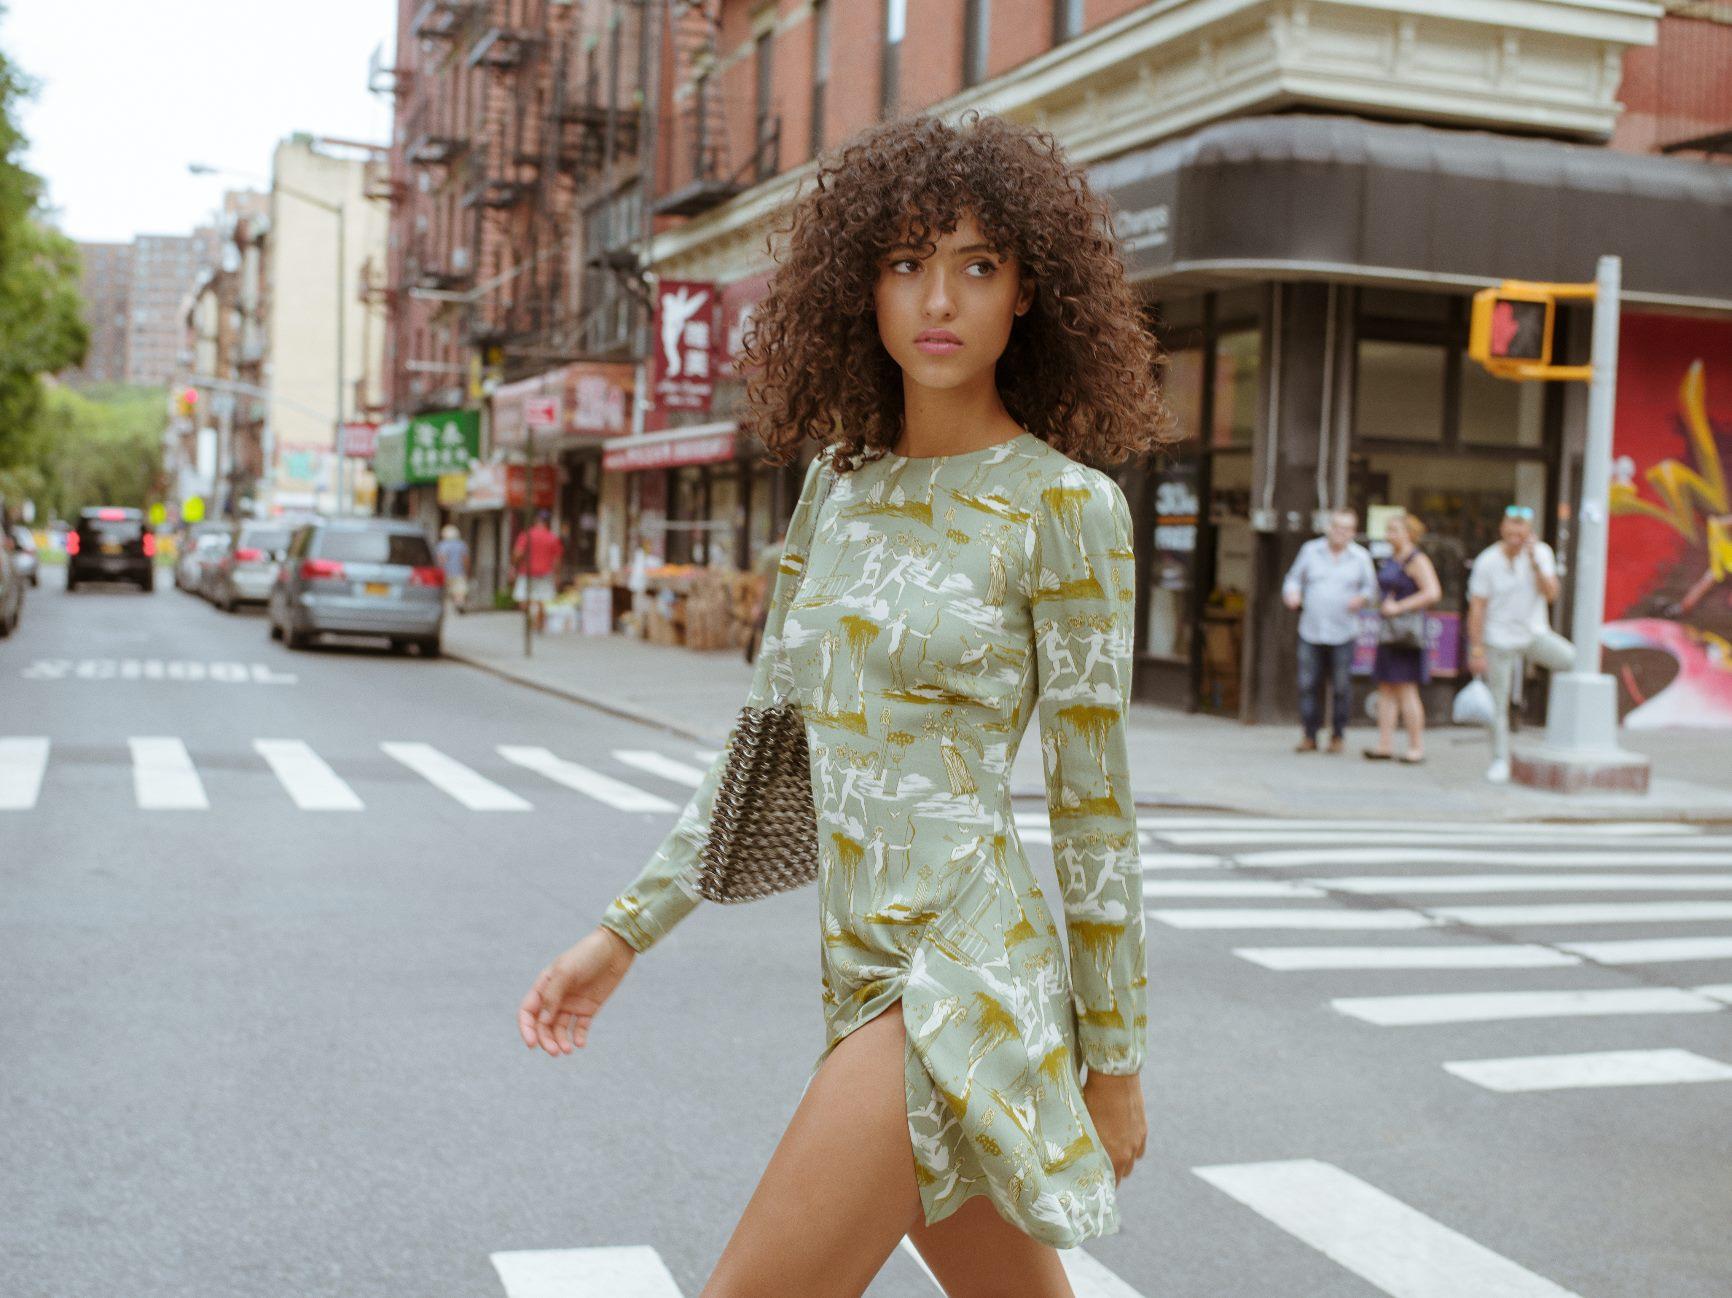 美国可持续时尚品牌 Reformation 被私募基金 Permira 收购,欲开辟国际市场